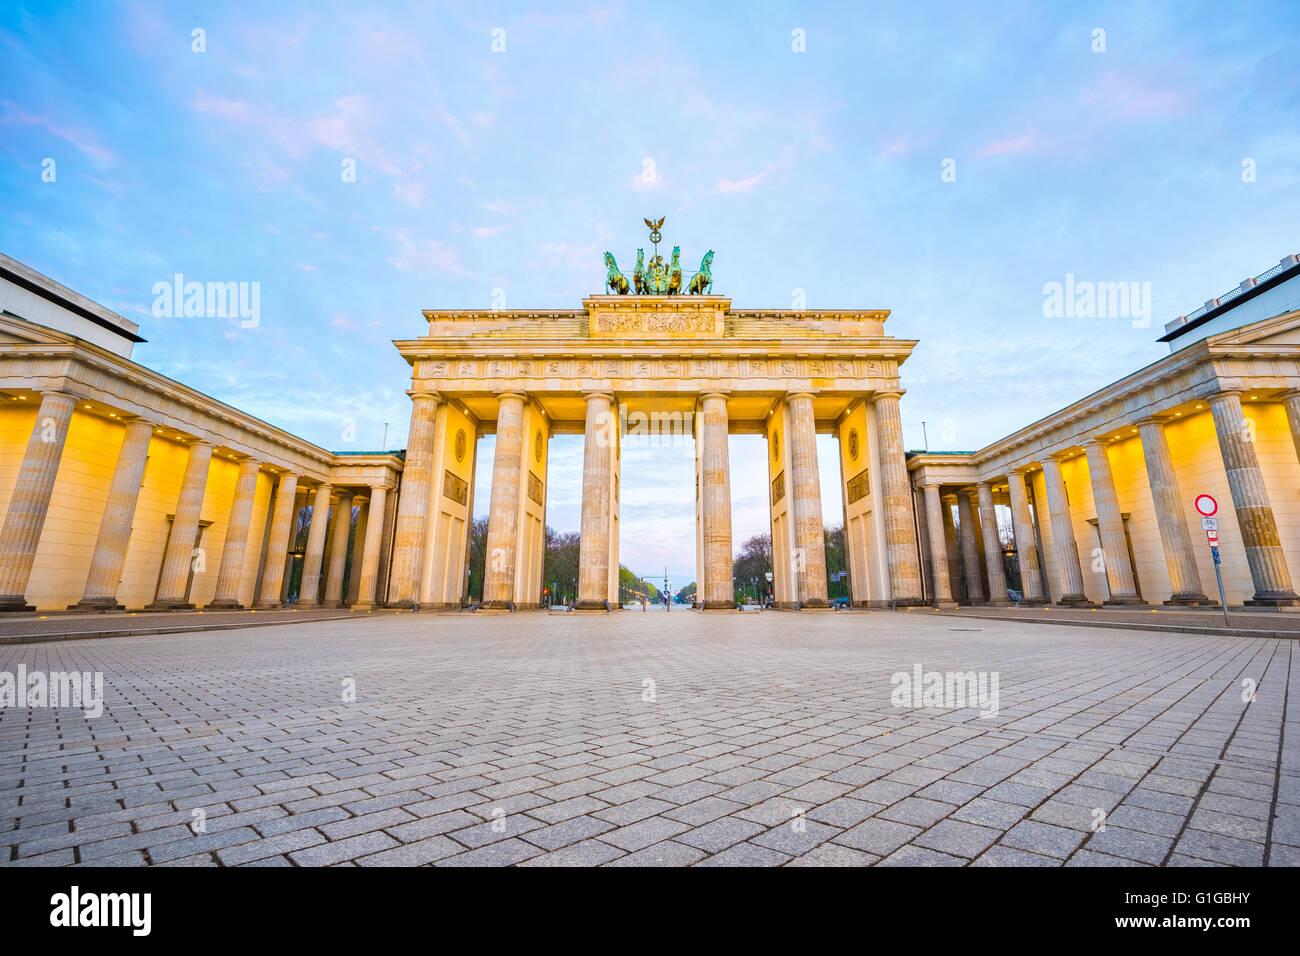 Beau Ciel avec la porte de Brandebourg à Berlin Allemagne la nuit. Photo Stock